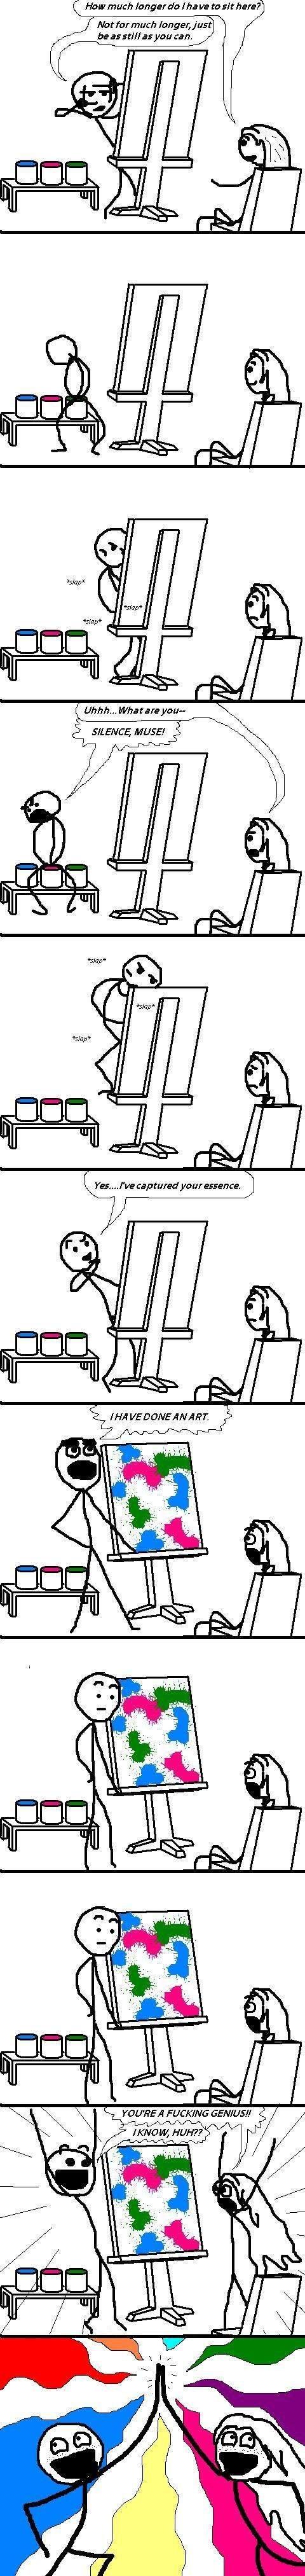 doing an art. He's professional.. Art much